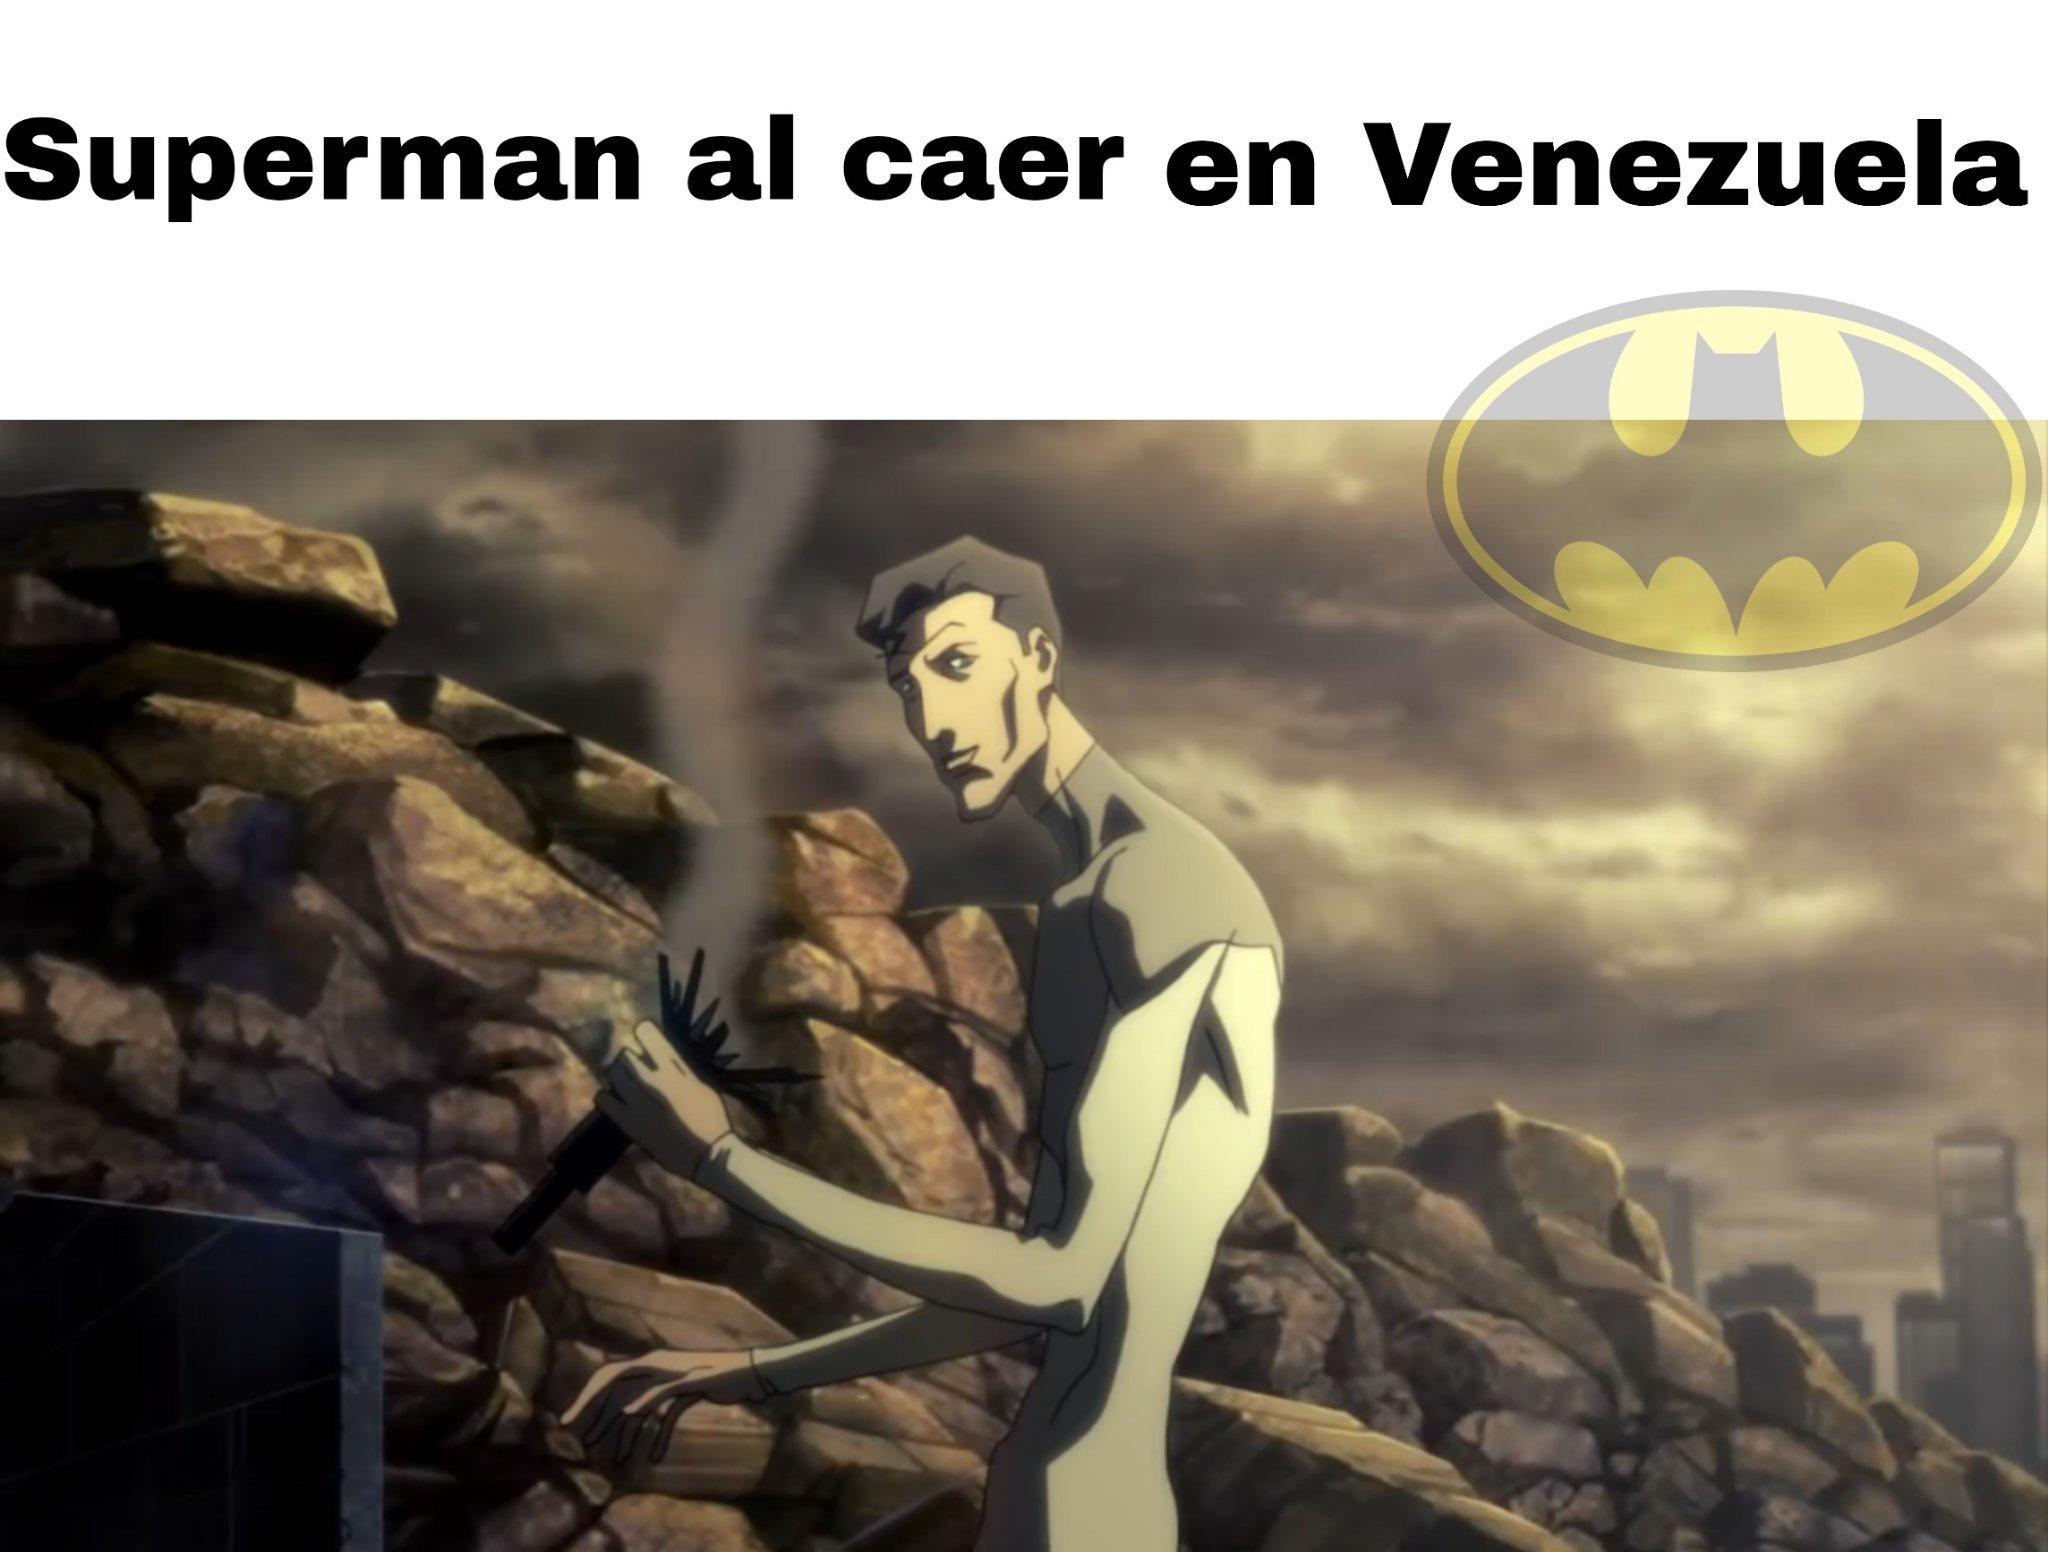 Superman venezolano - meme